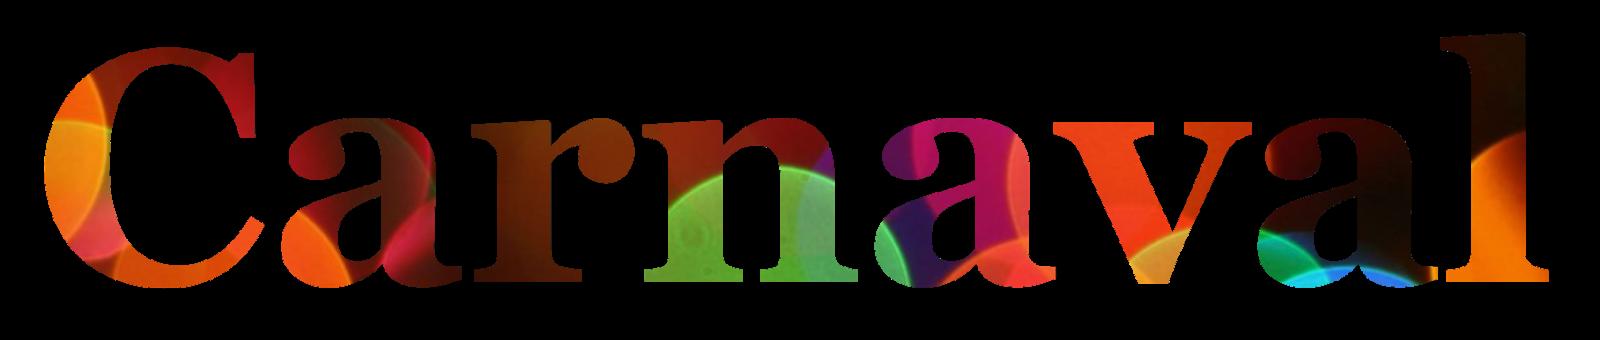 nome carnaval 2 colorido com fundo transparente png